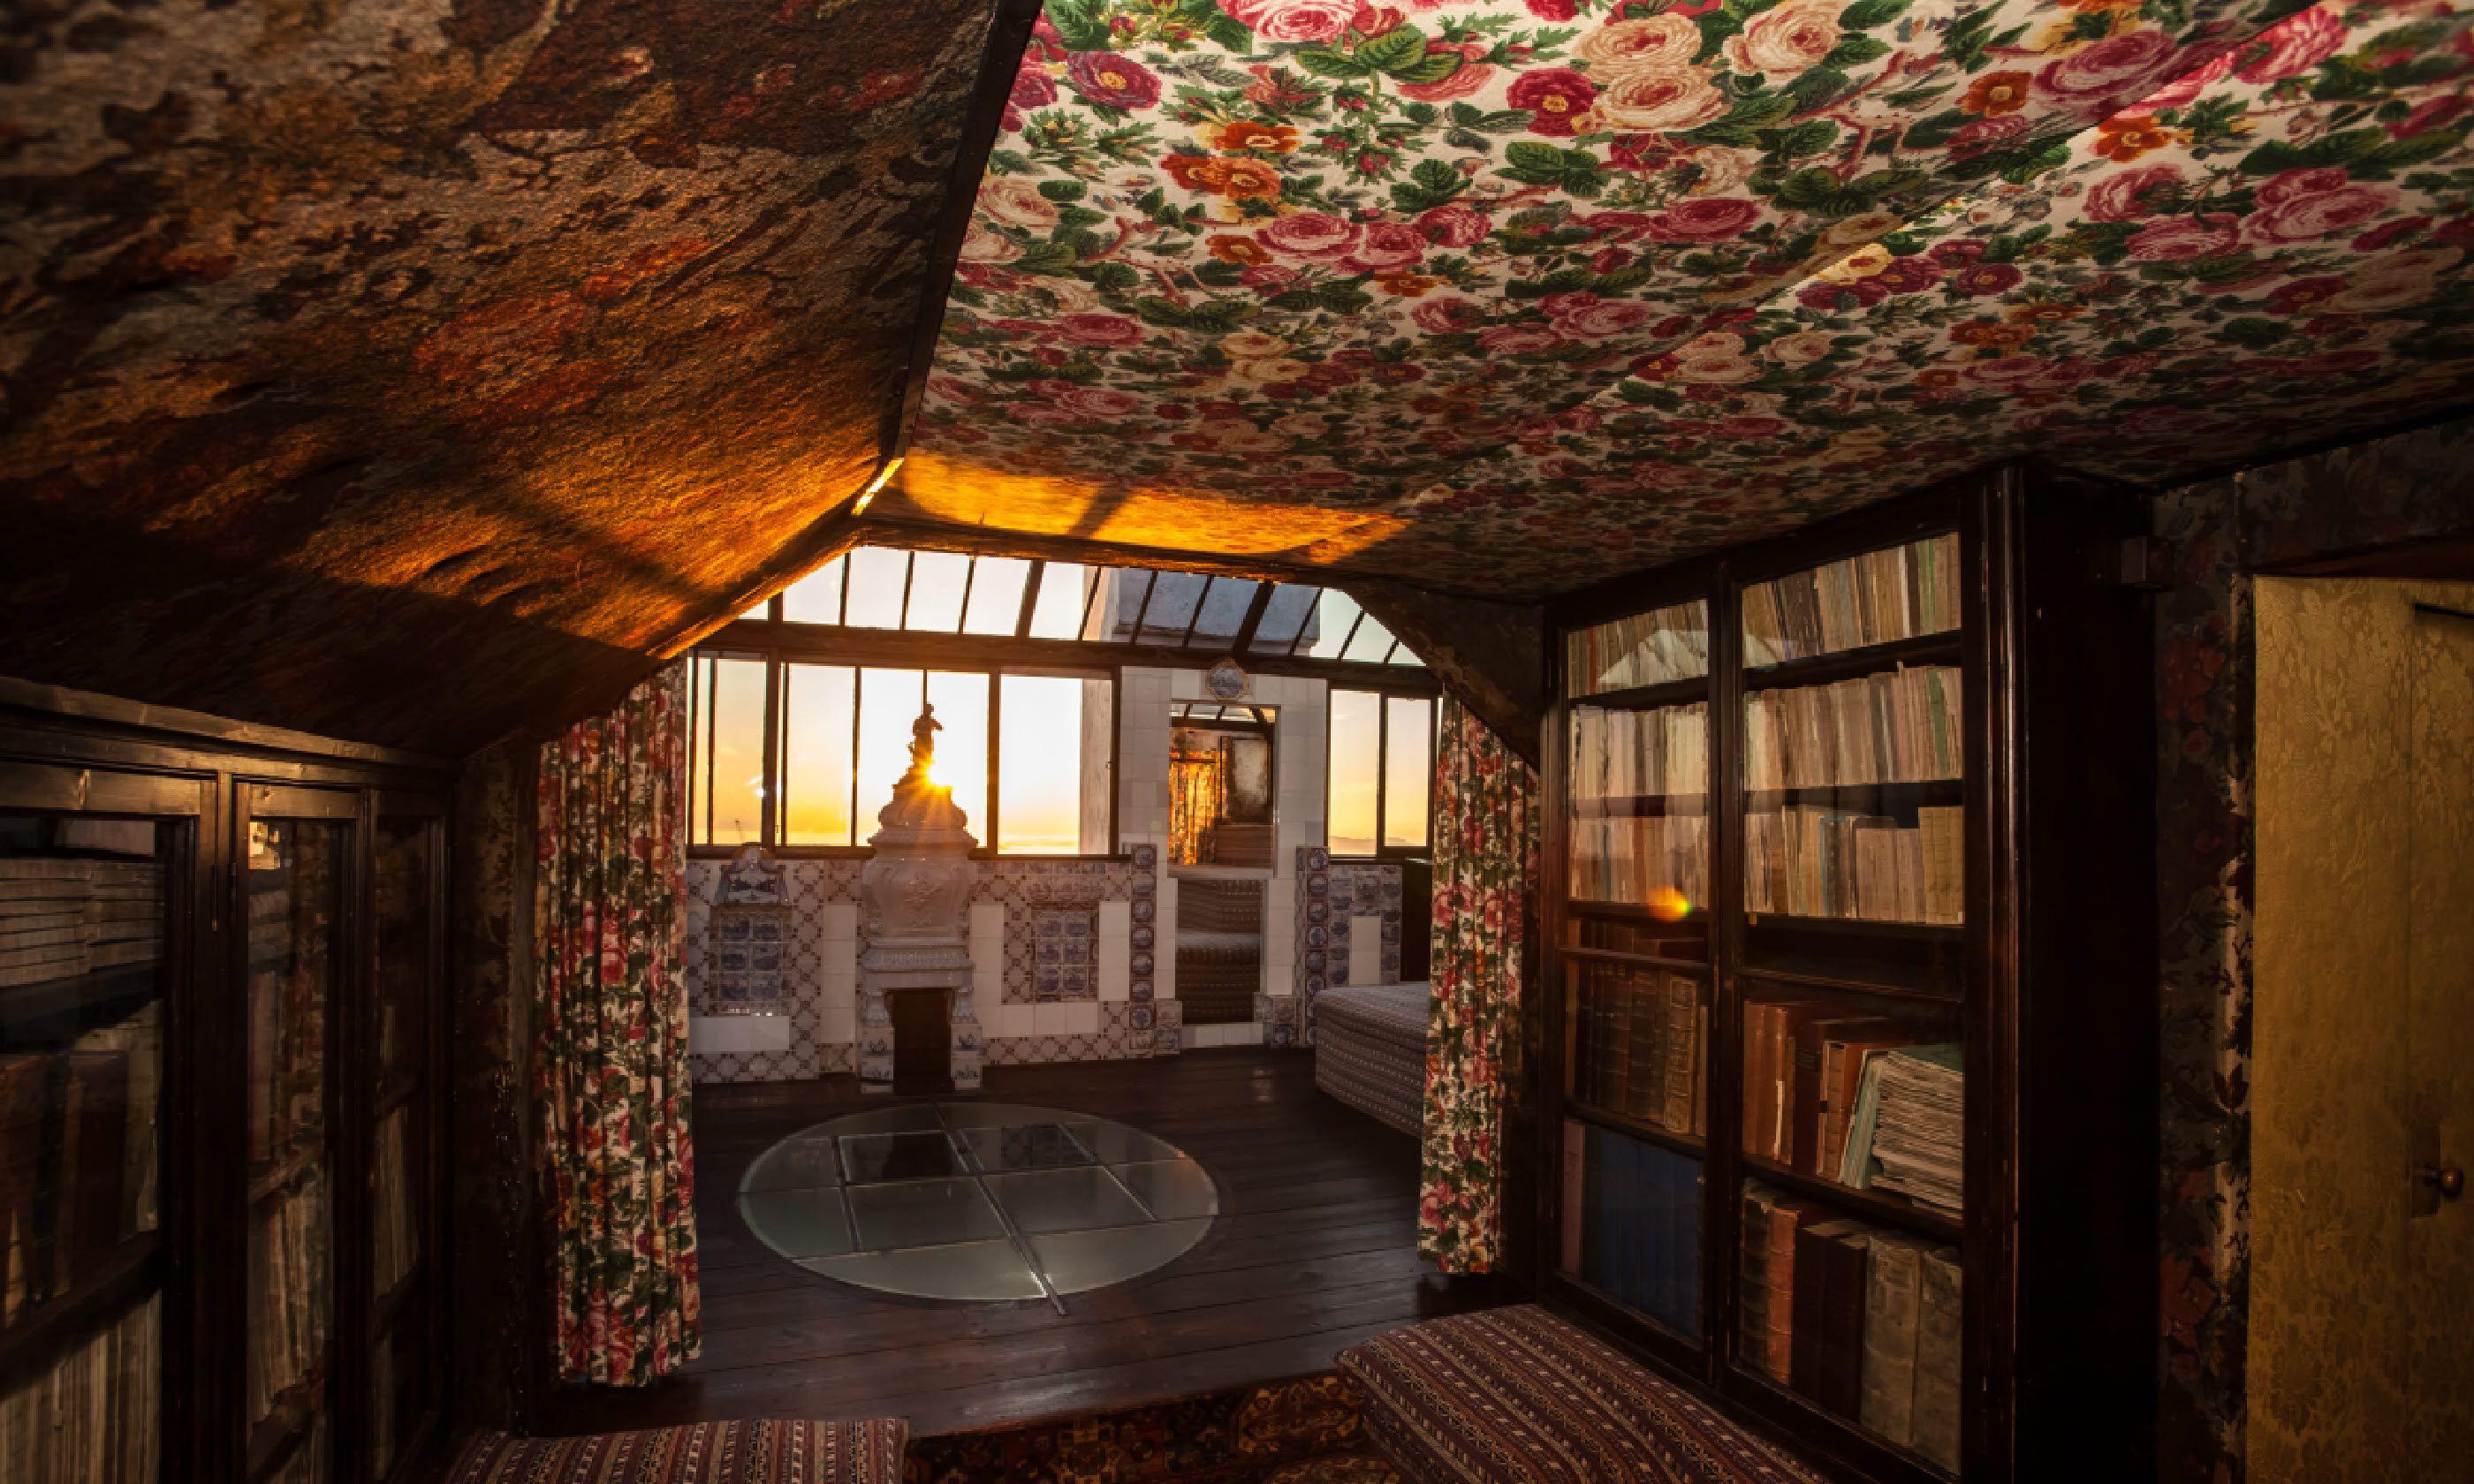 Victor Hugo's house (Visit Guernsey)